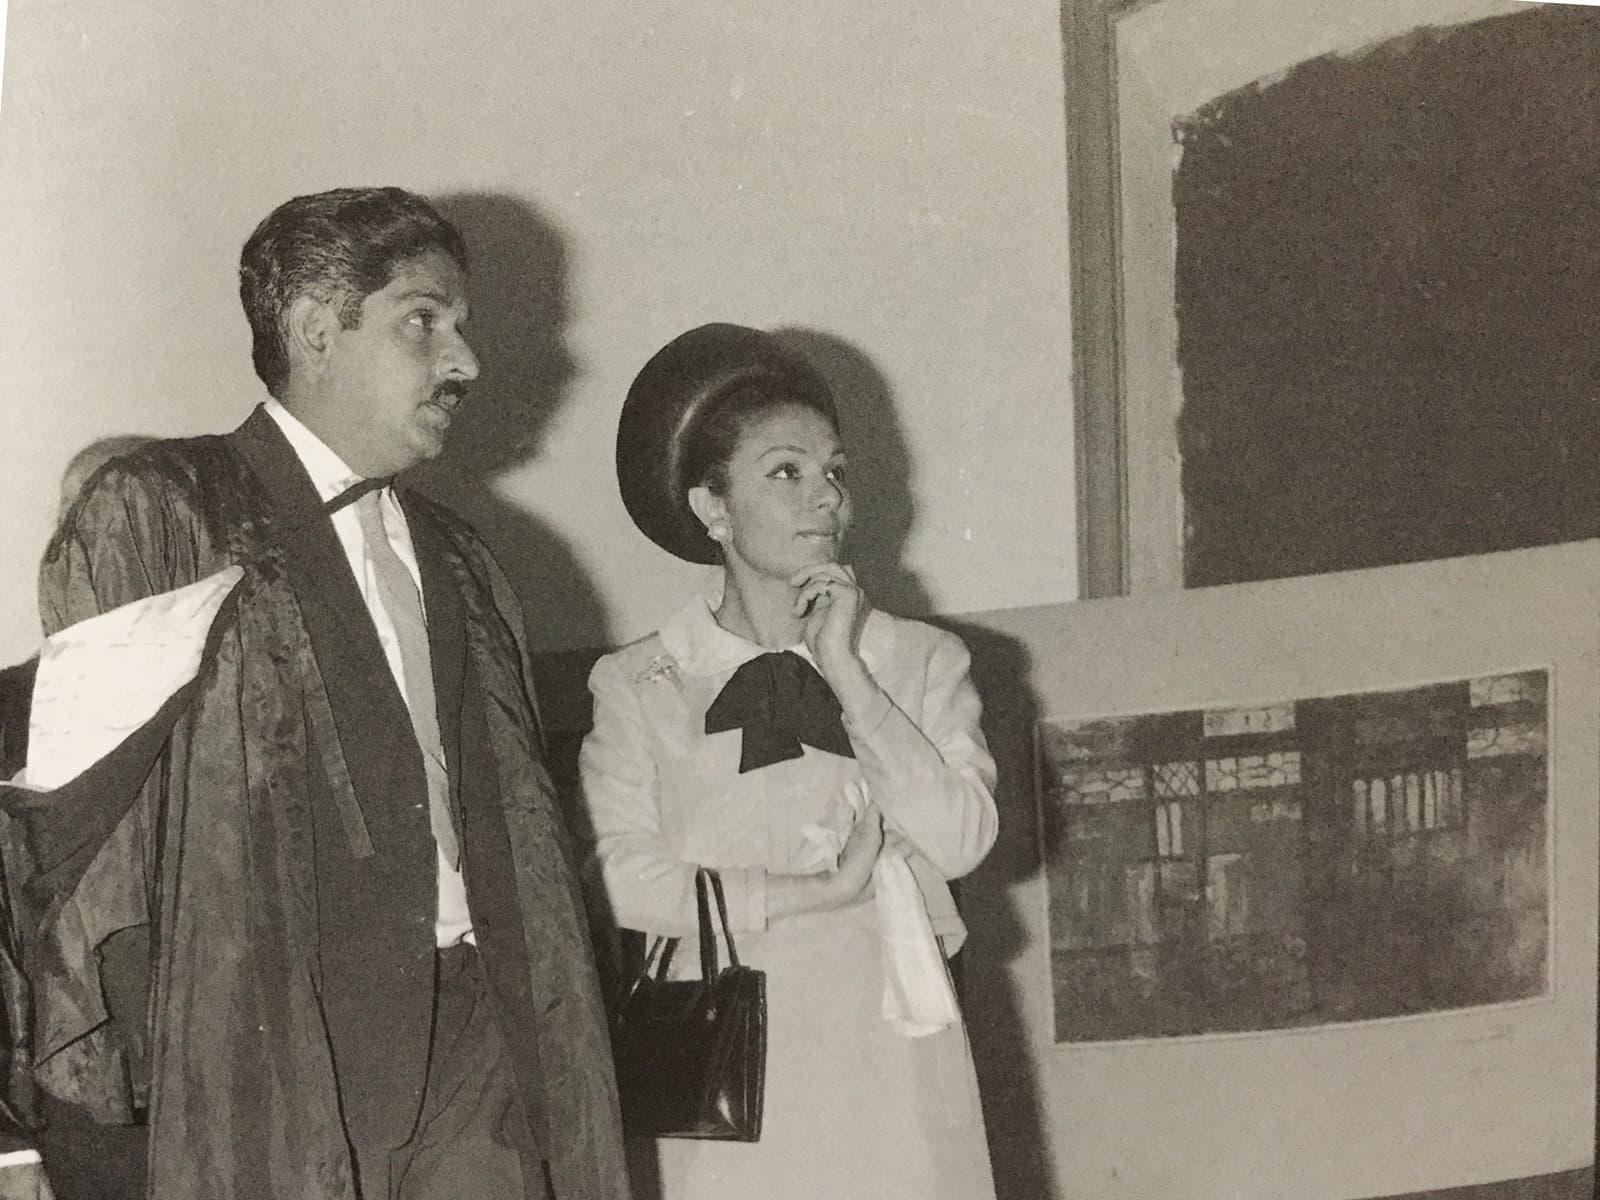 خالد اقبال ایران کی ملکہ فرح دیبا کے ہمراہ—تصویر بشکریہ کتاب: KHALID IQBAL - A PIONEER OF MODERN REALISM IN PAKISTAN